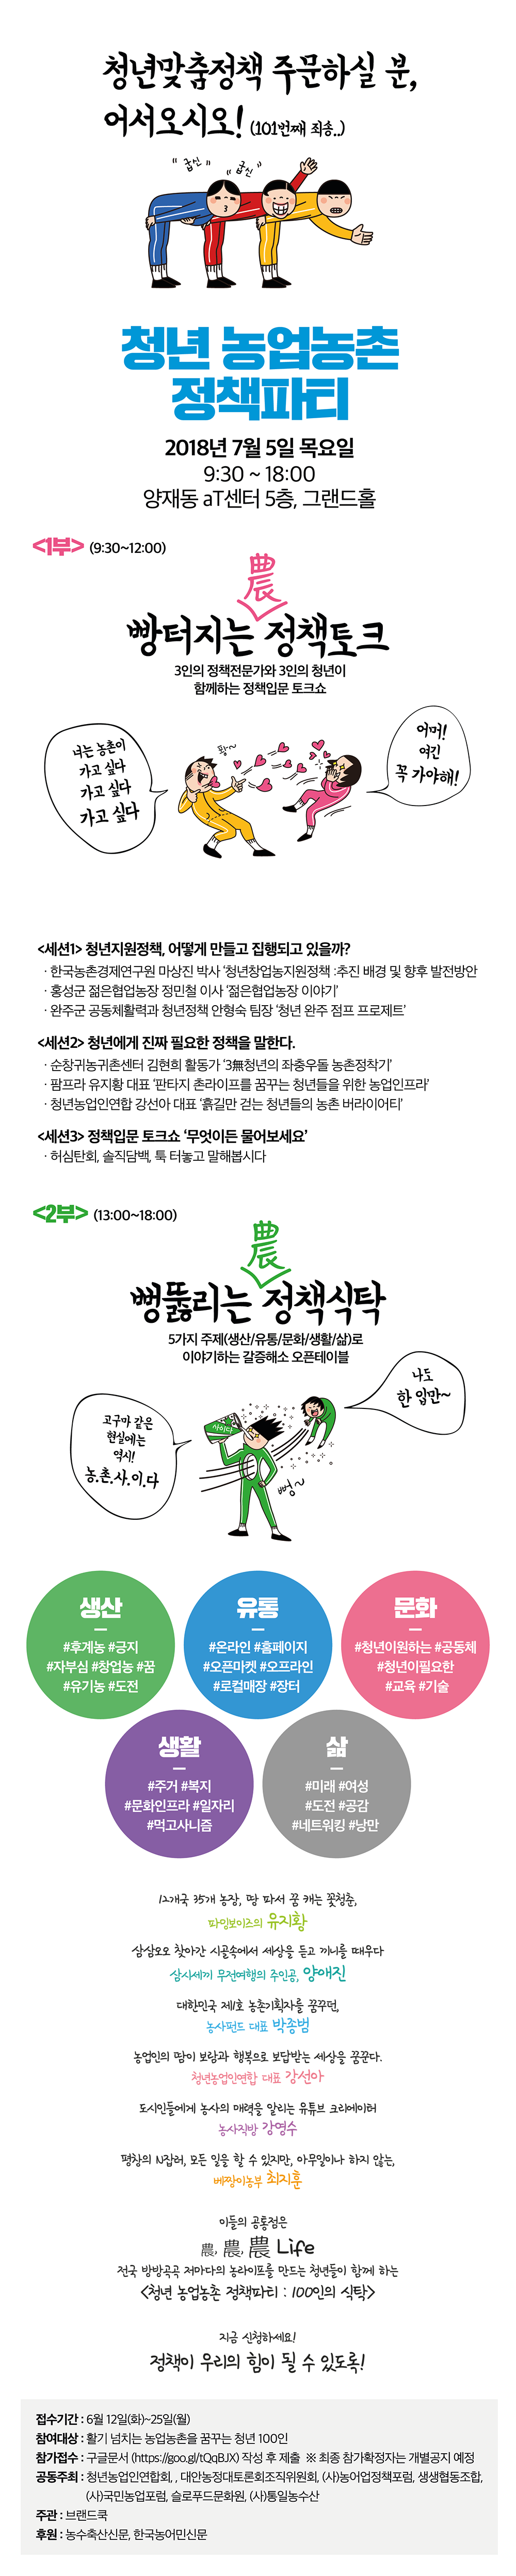 2018 청년농업농촌정책파티_웹자보.png